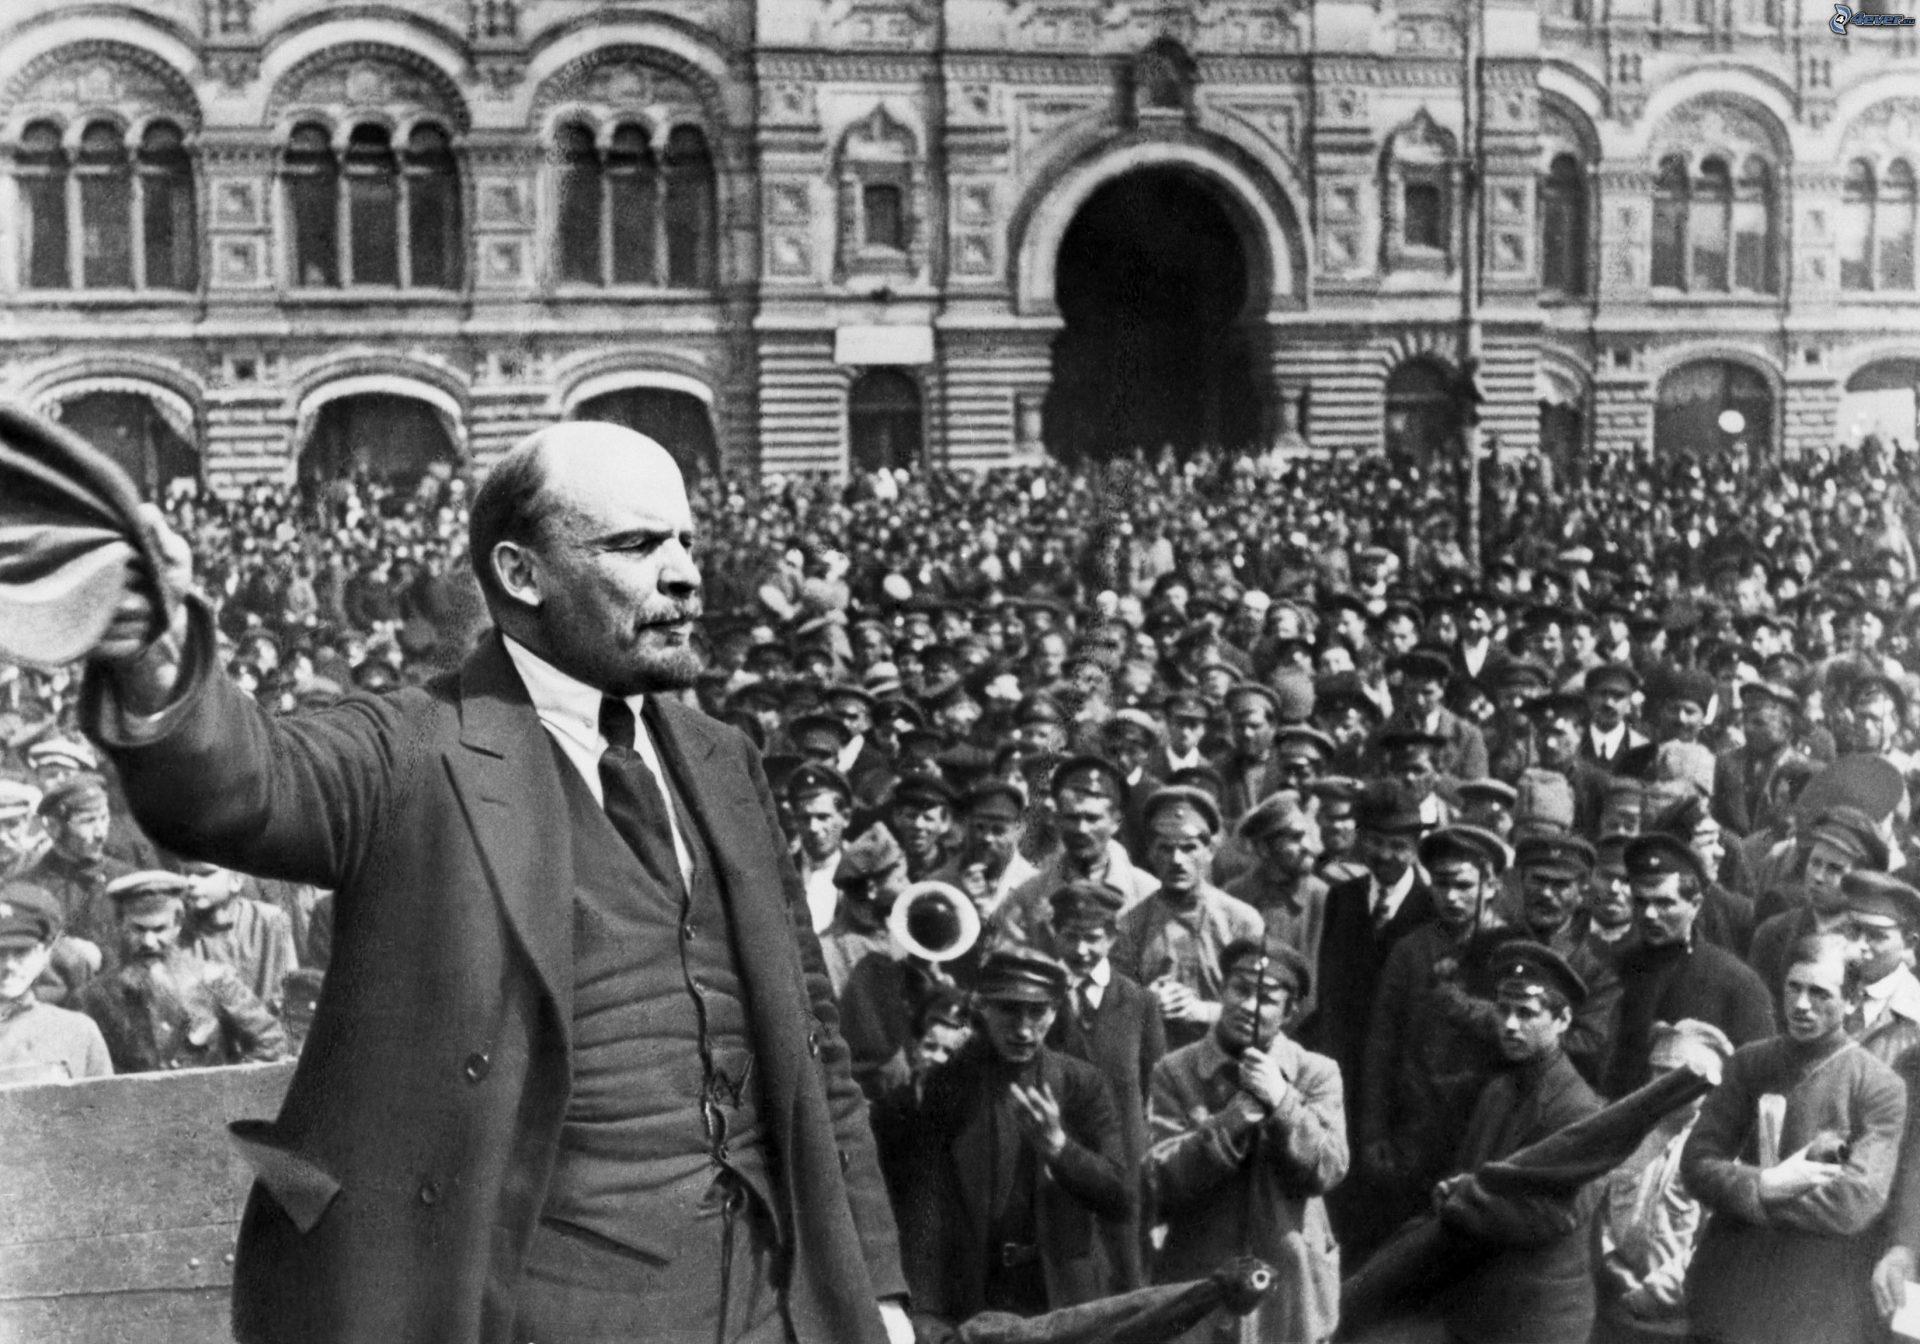 Când ajungi să crezi propria propagandă: lecție de dezinformare de acum 100 de ani